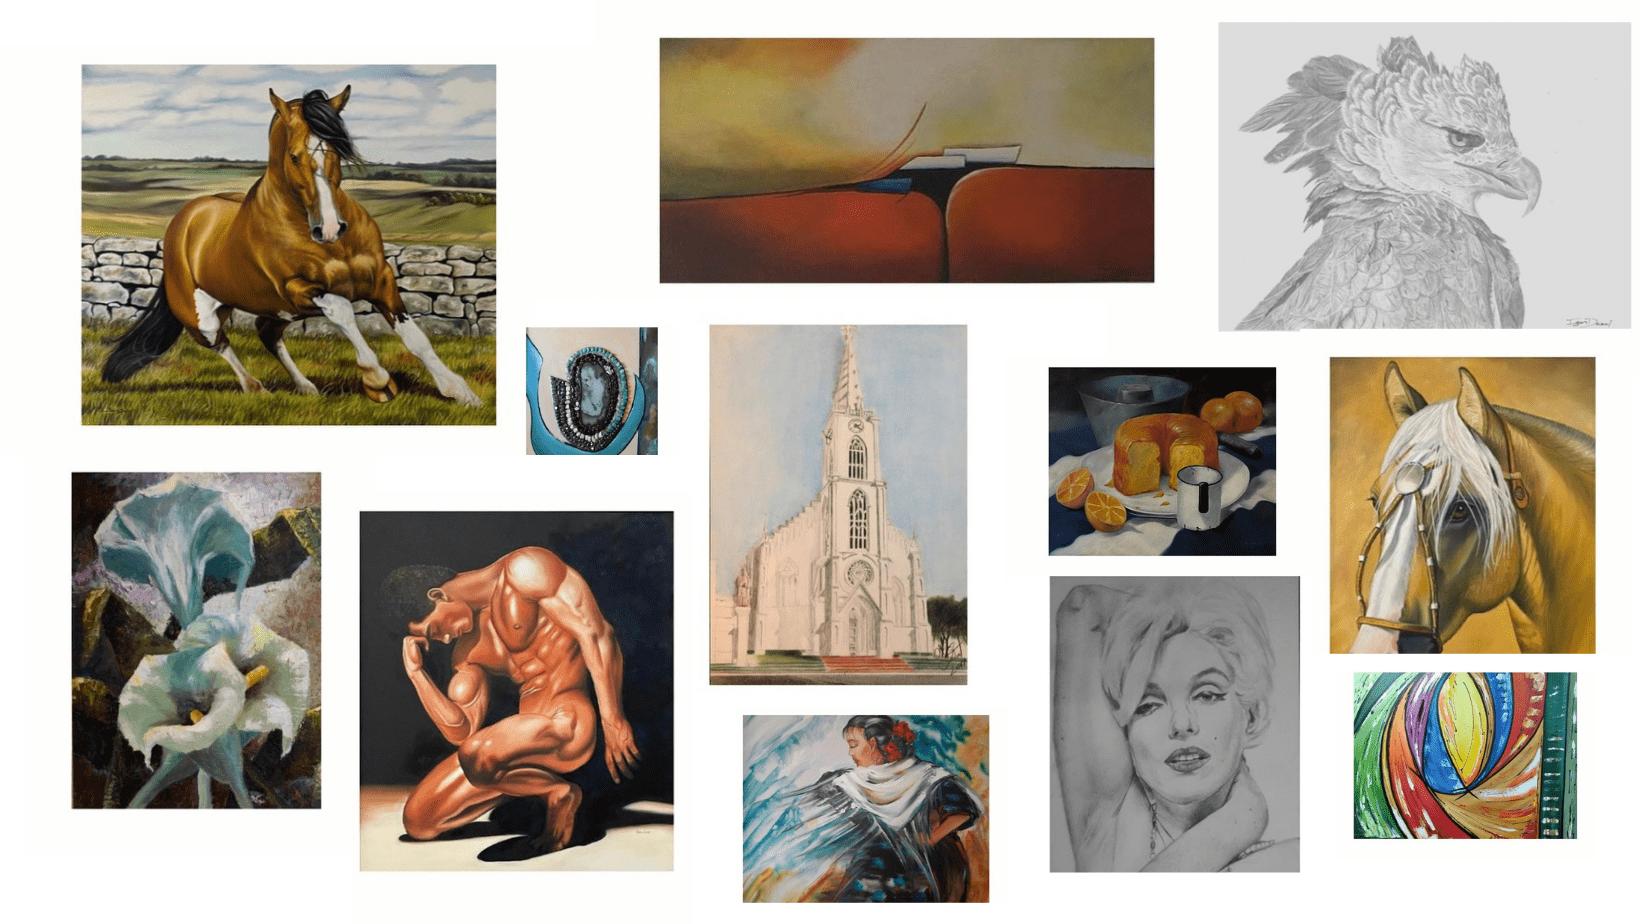 Leilão de obras de arte em prol do Hospital São Luiz Gonzaga será realizado nesta terça-feira